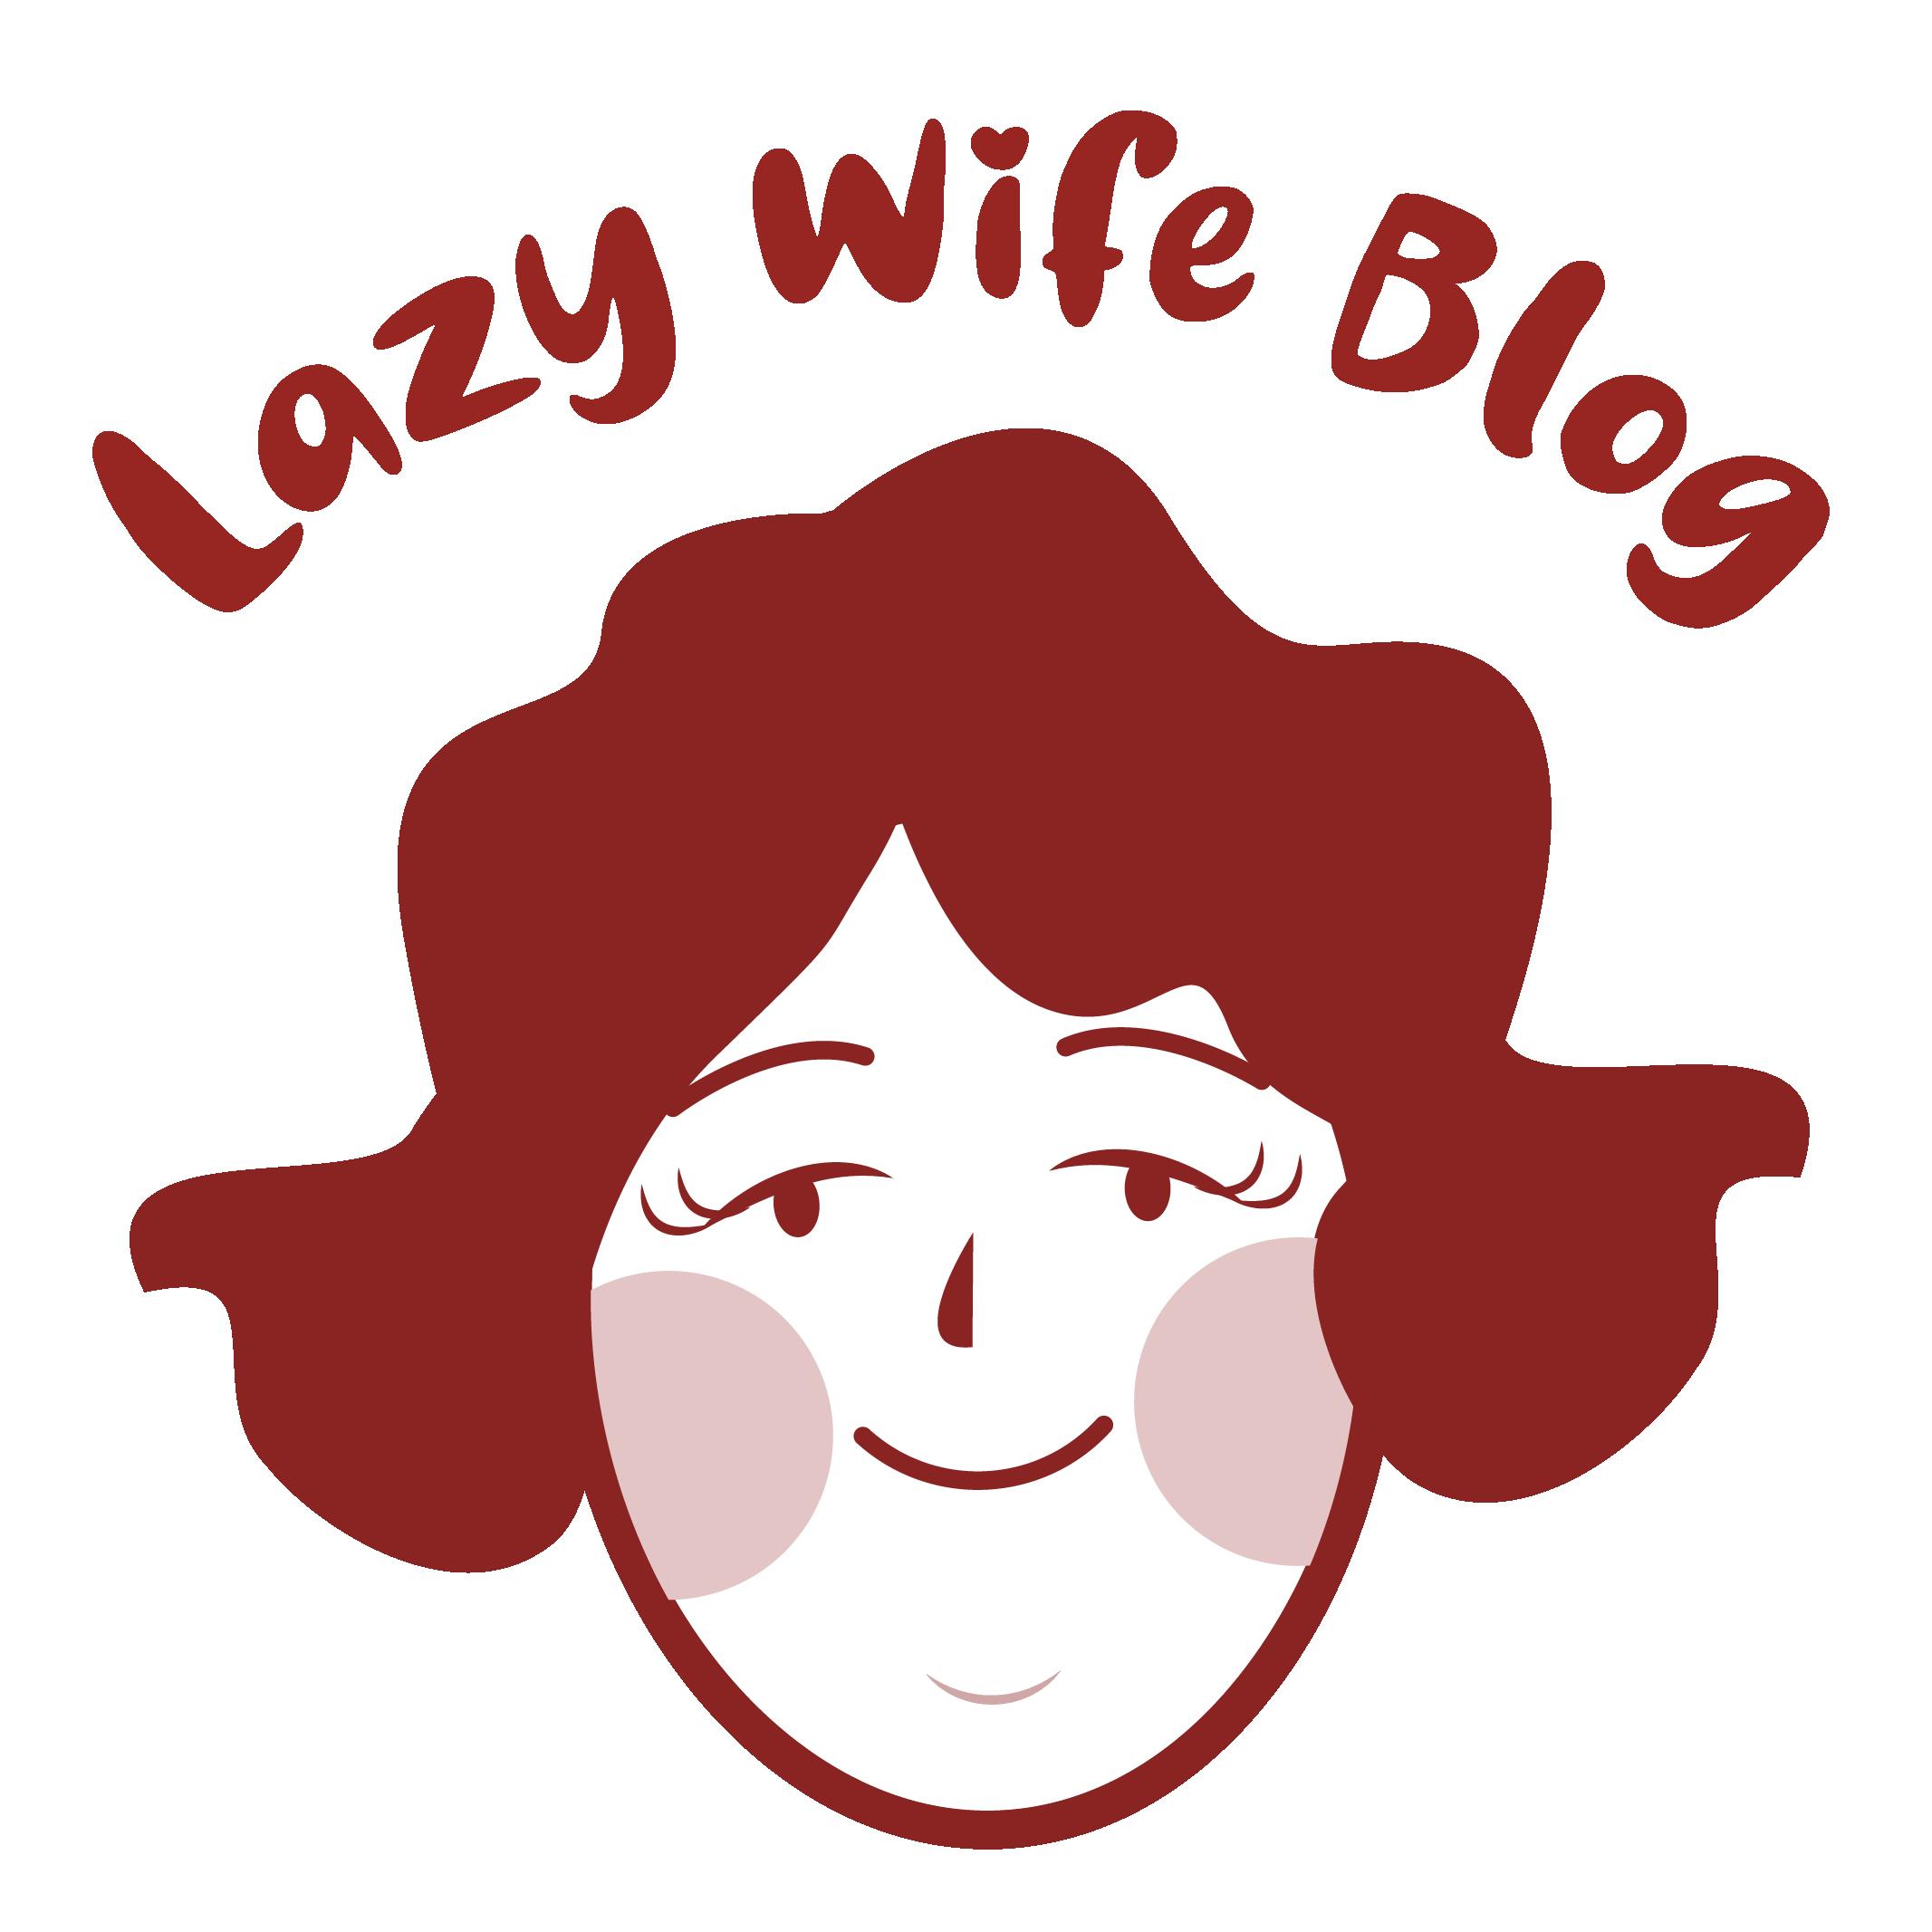 廢物人妻誌 Lazy Wife Blog